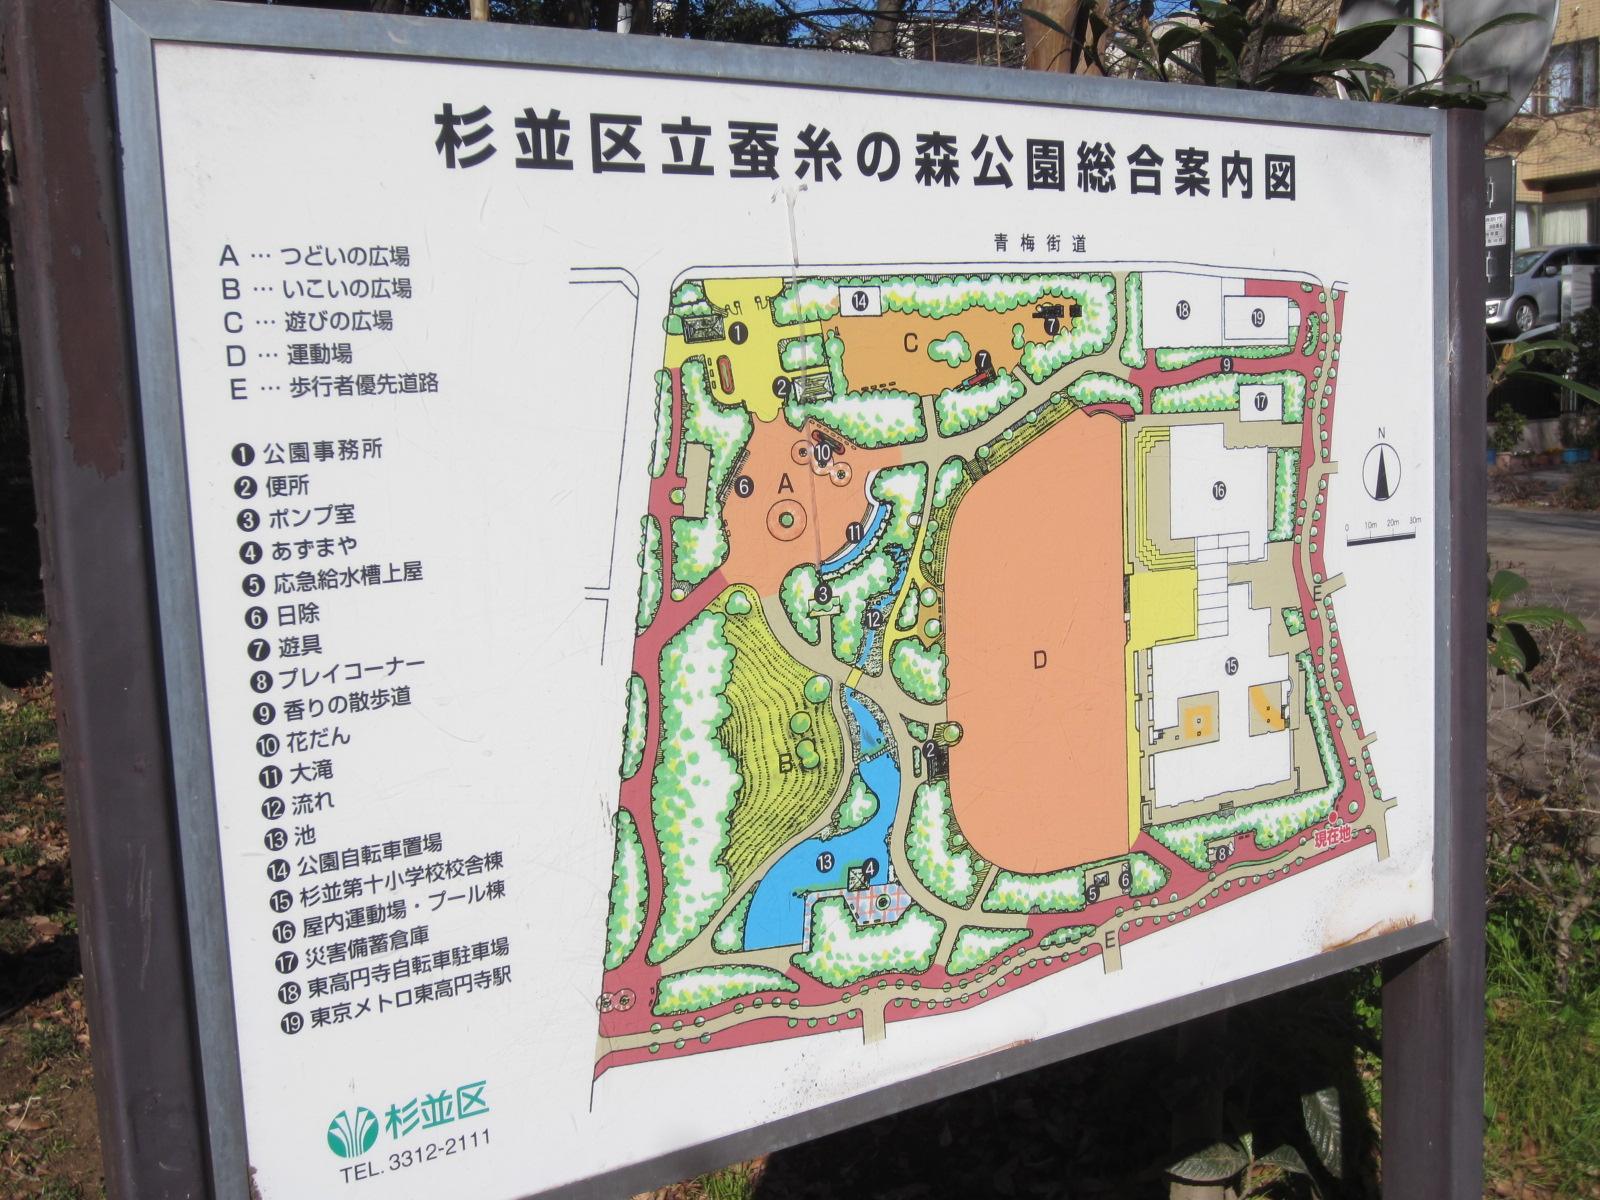 蚕糸の森公園です